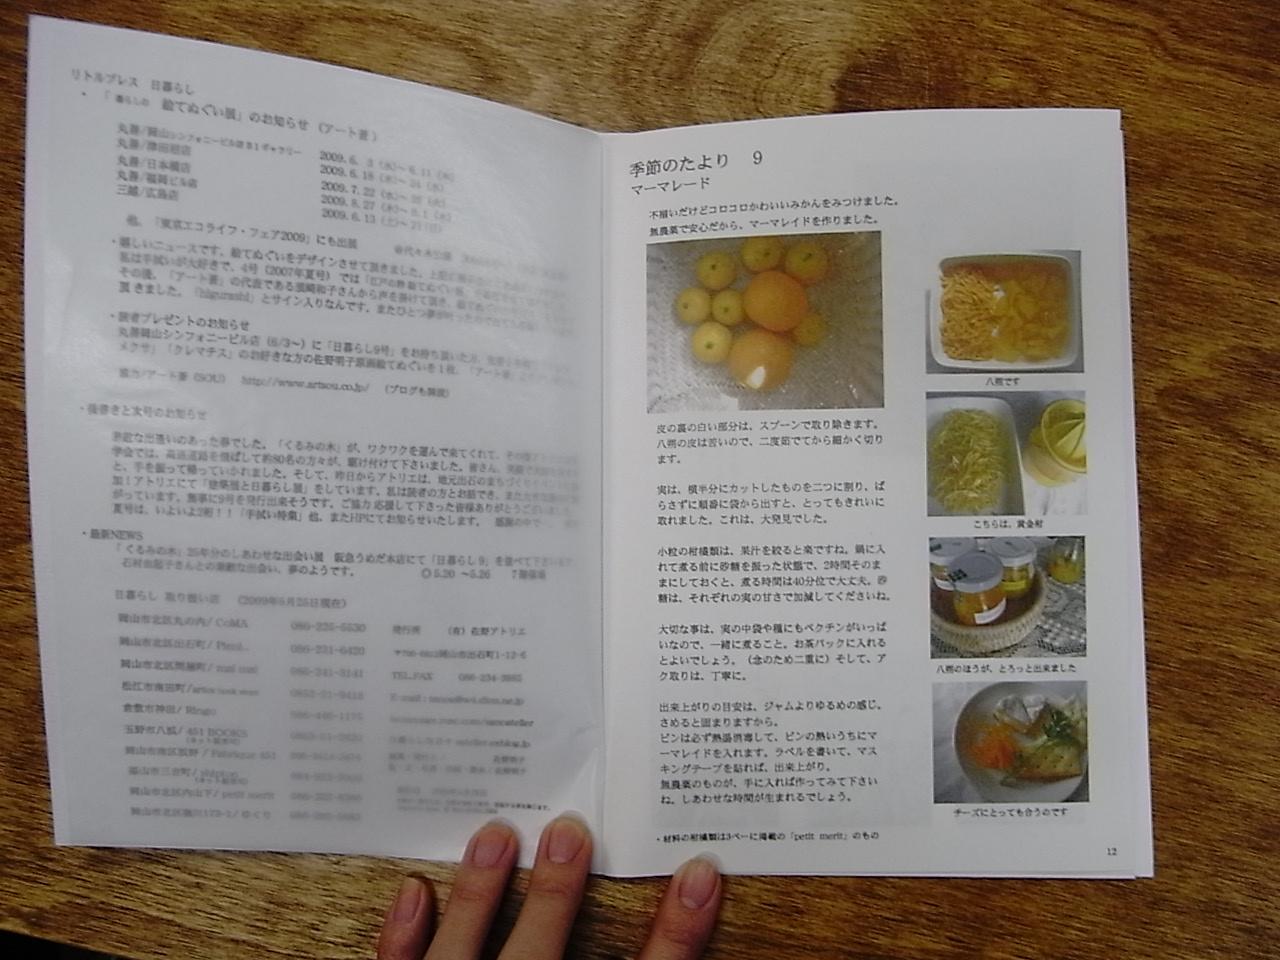 本明朝体,雑誌「日暮らし」,琵琶湖好き_c0202060_1272977.jpg